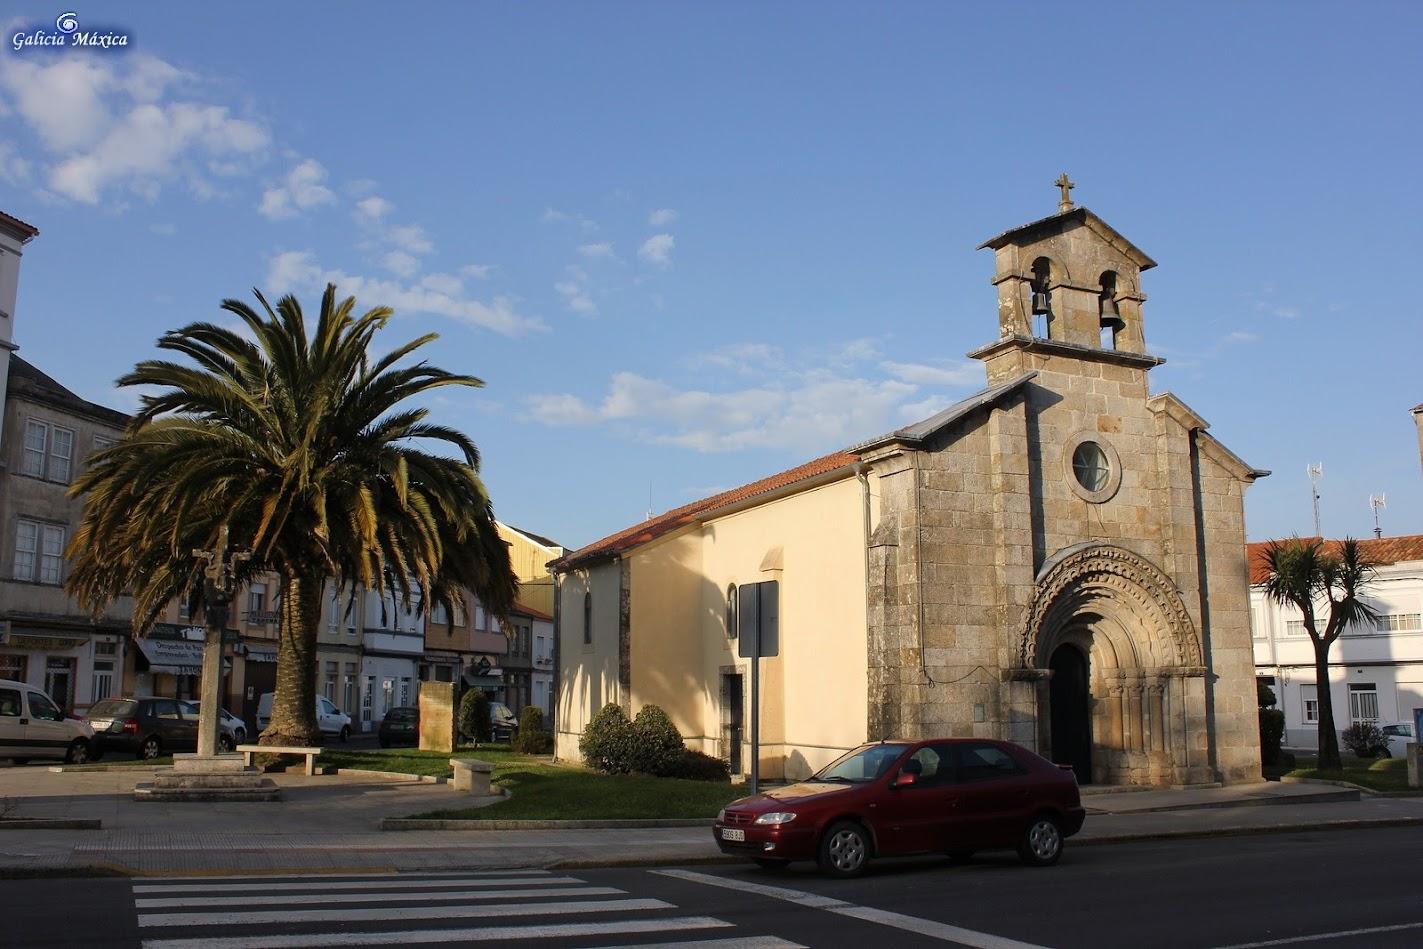 San Roque de Melide